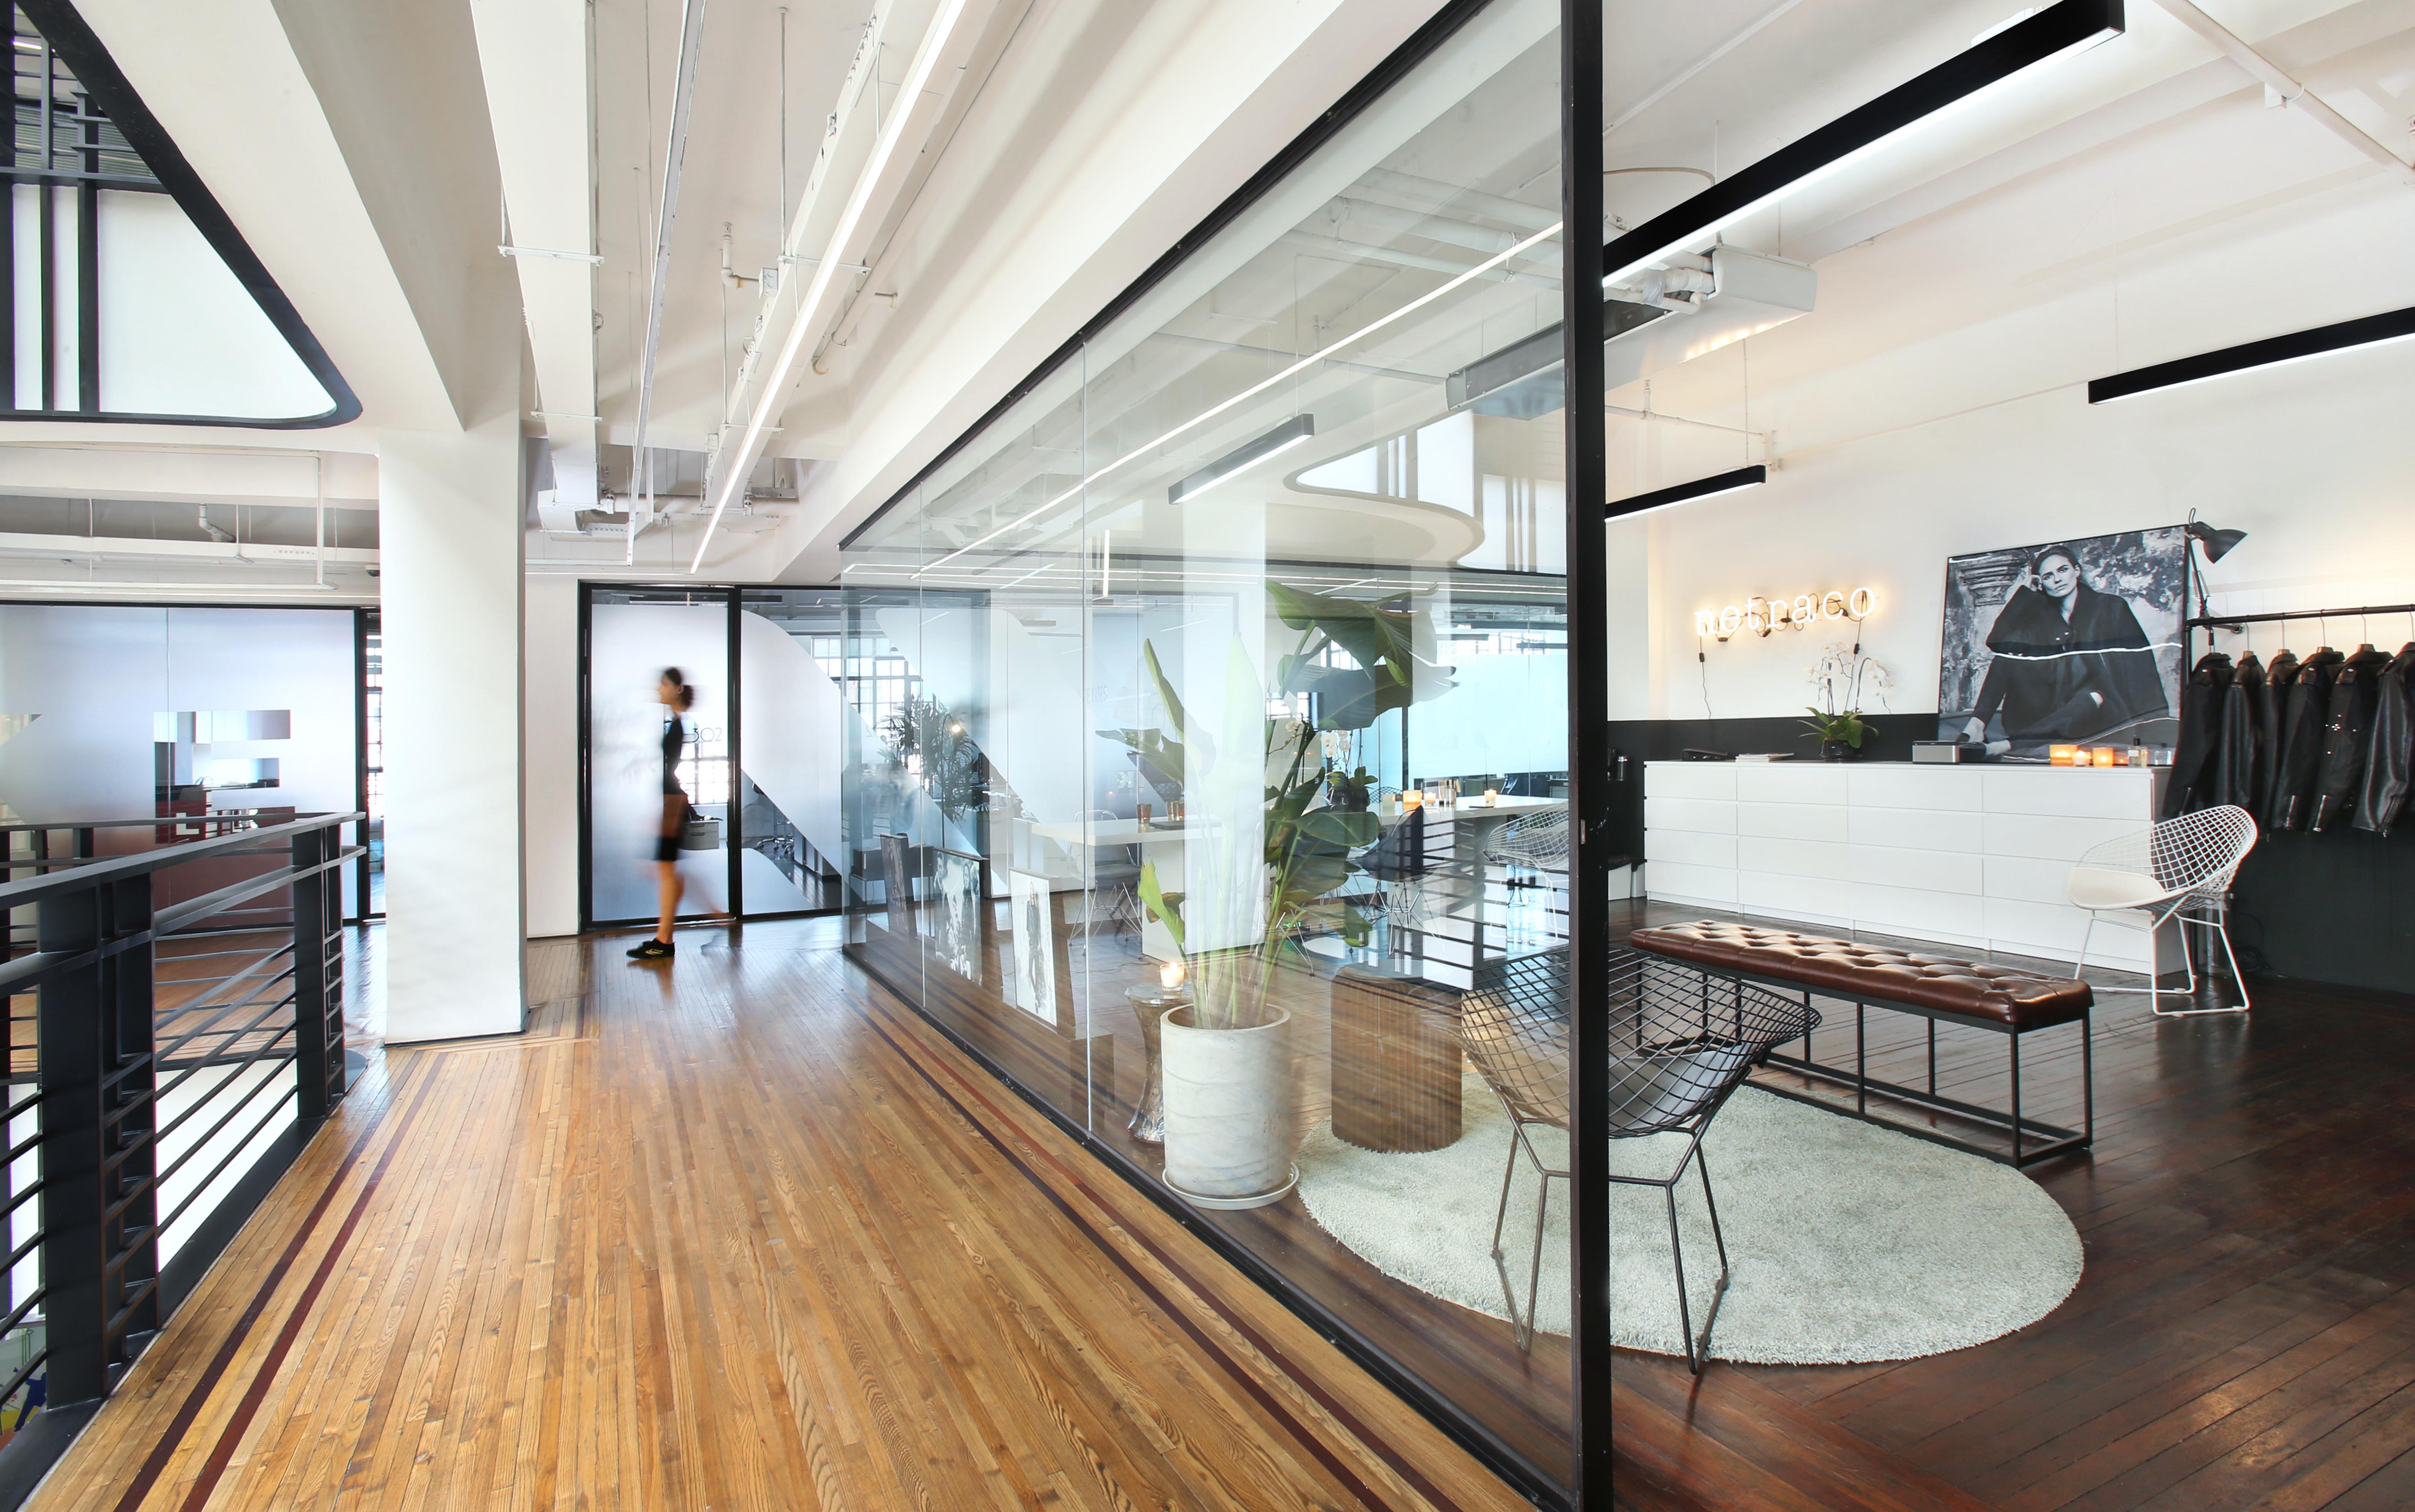 Studio van doorn interior design